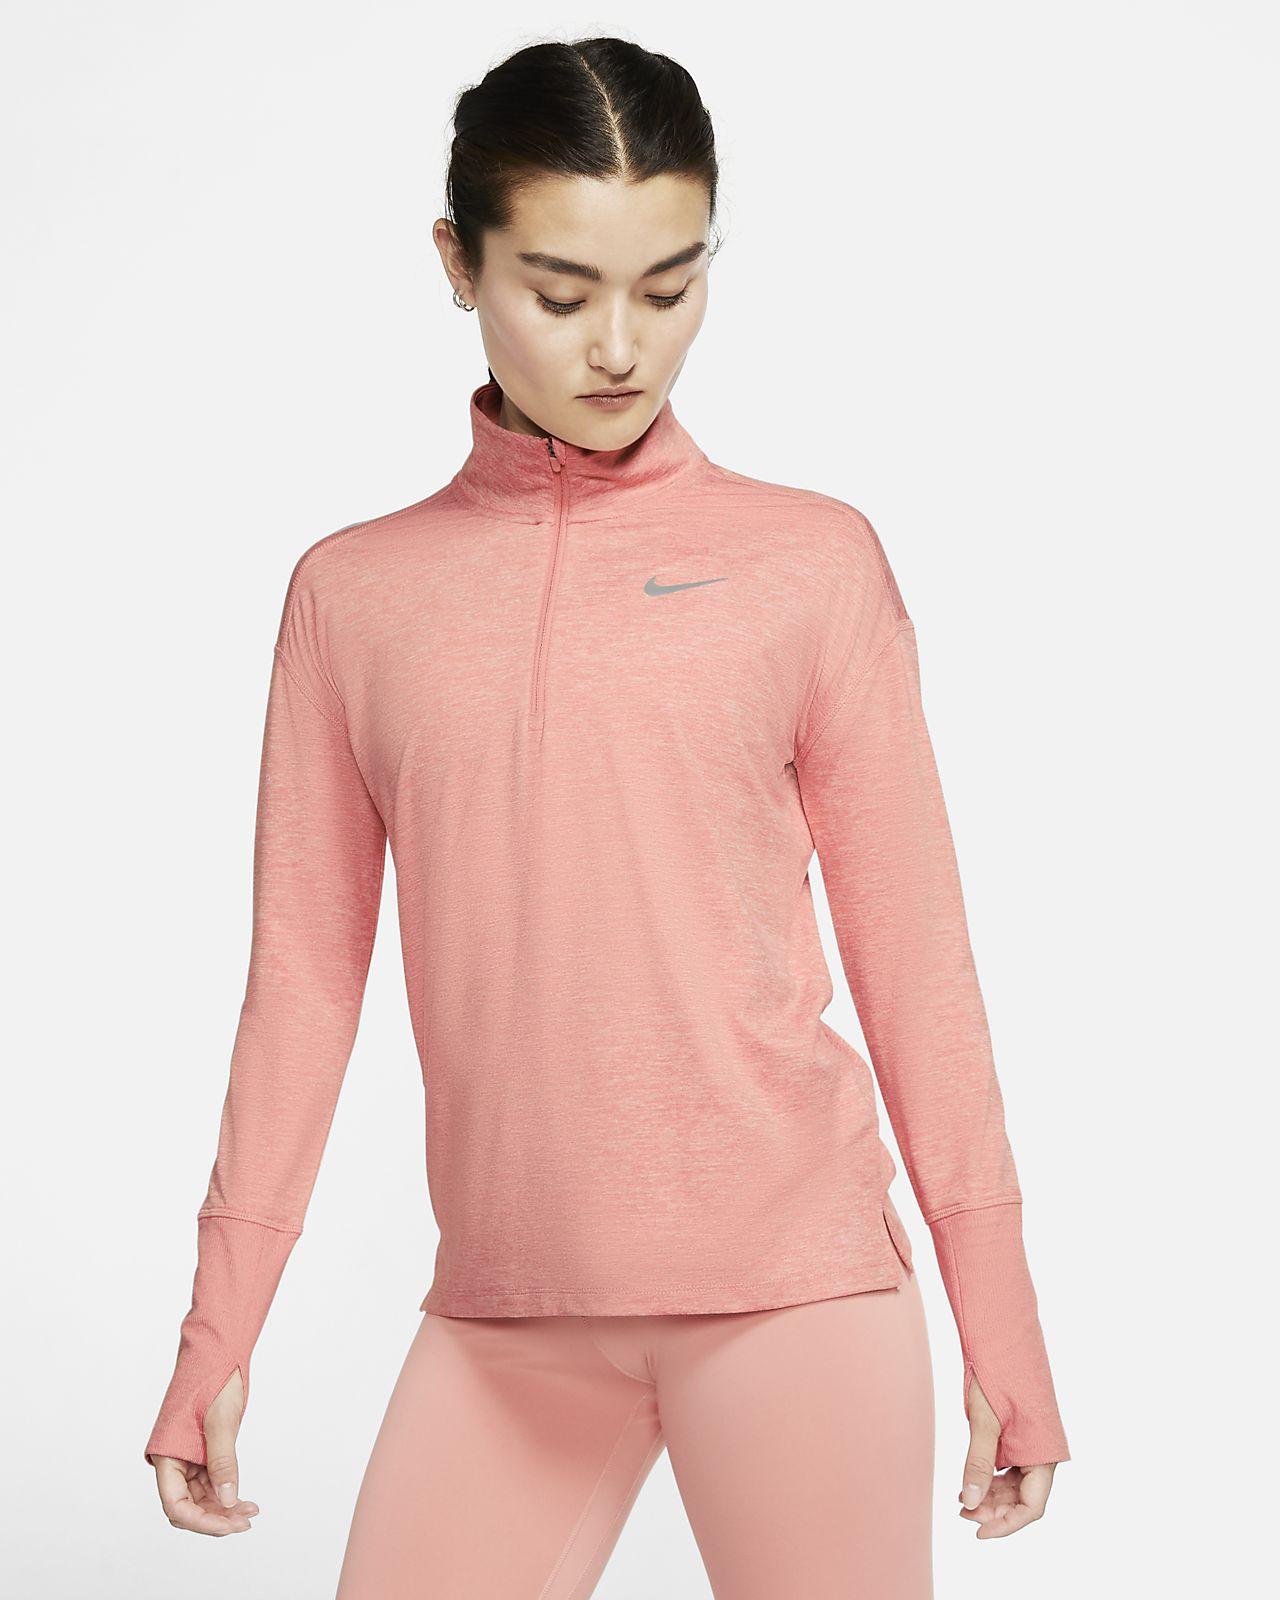 Nike Element Women's 1/2-Zip Running Top